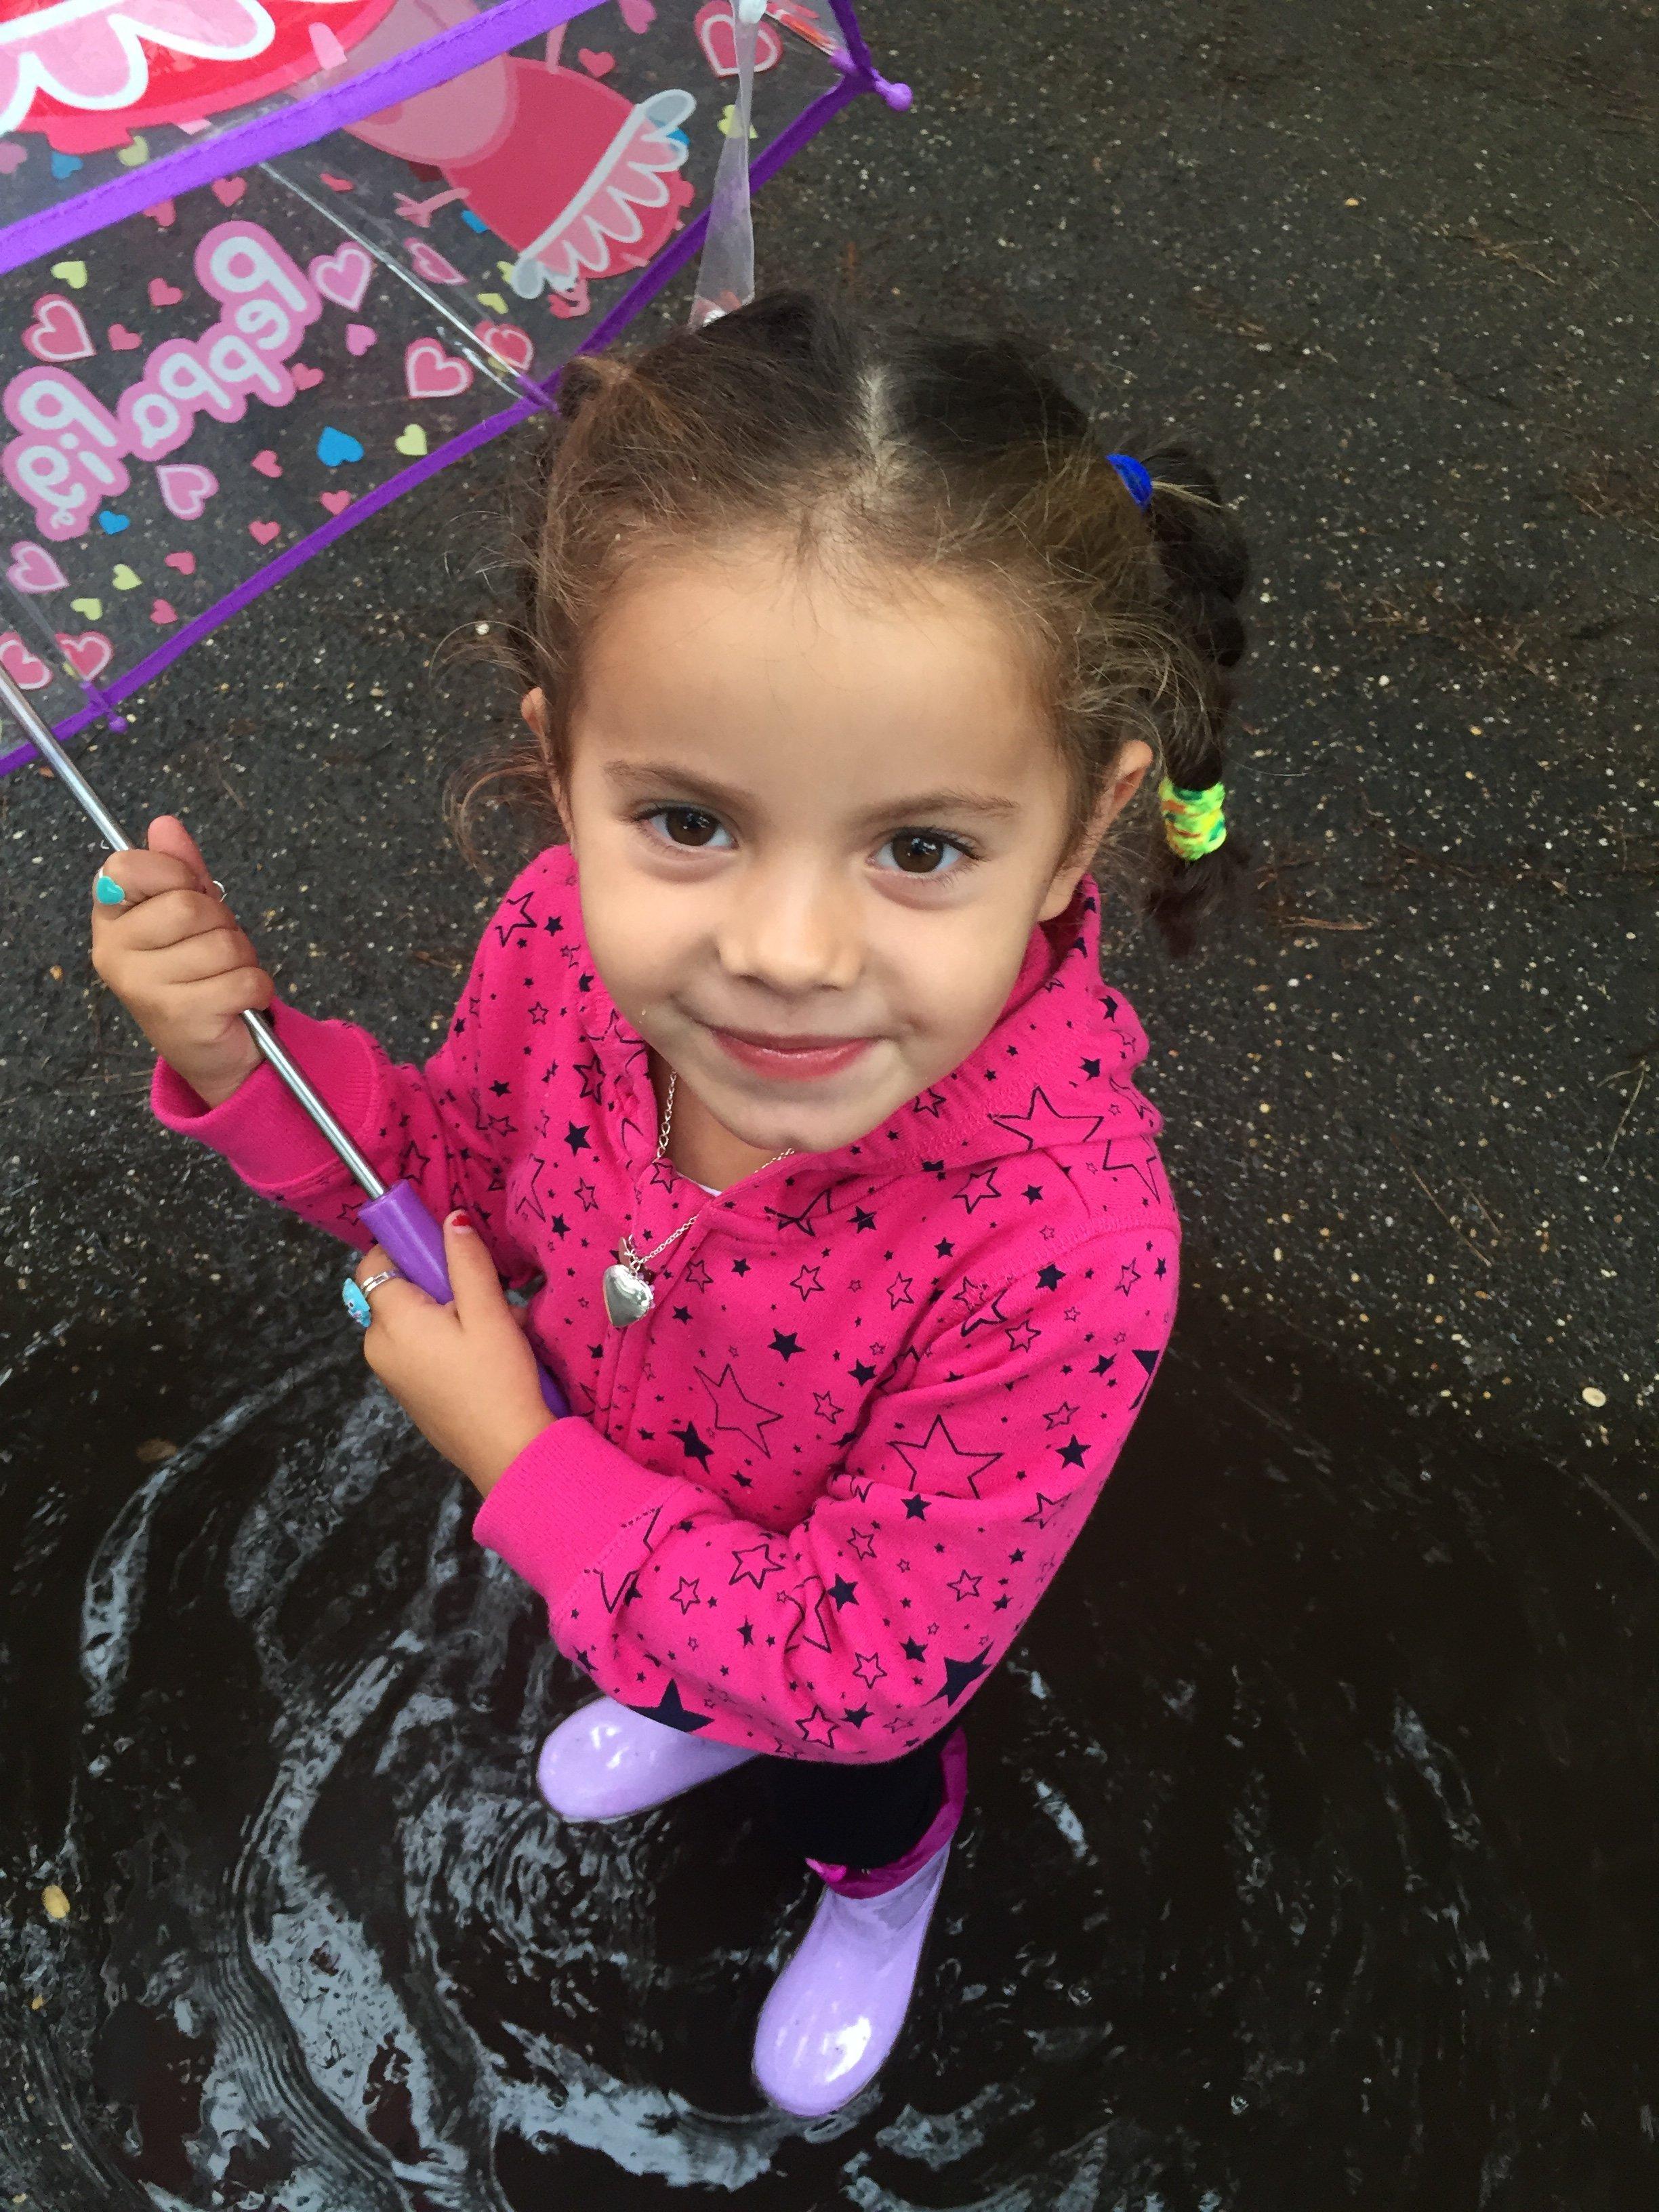 Bambina vestita di rosa con ombrello